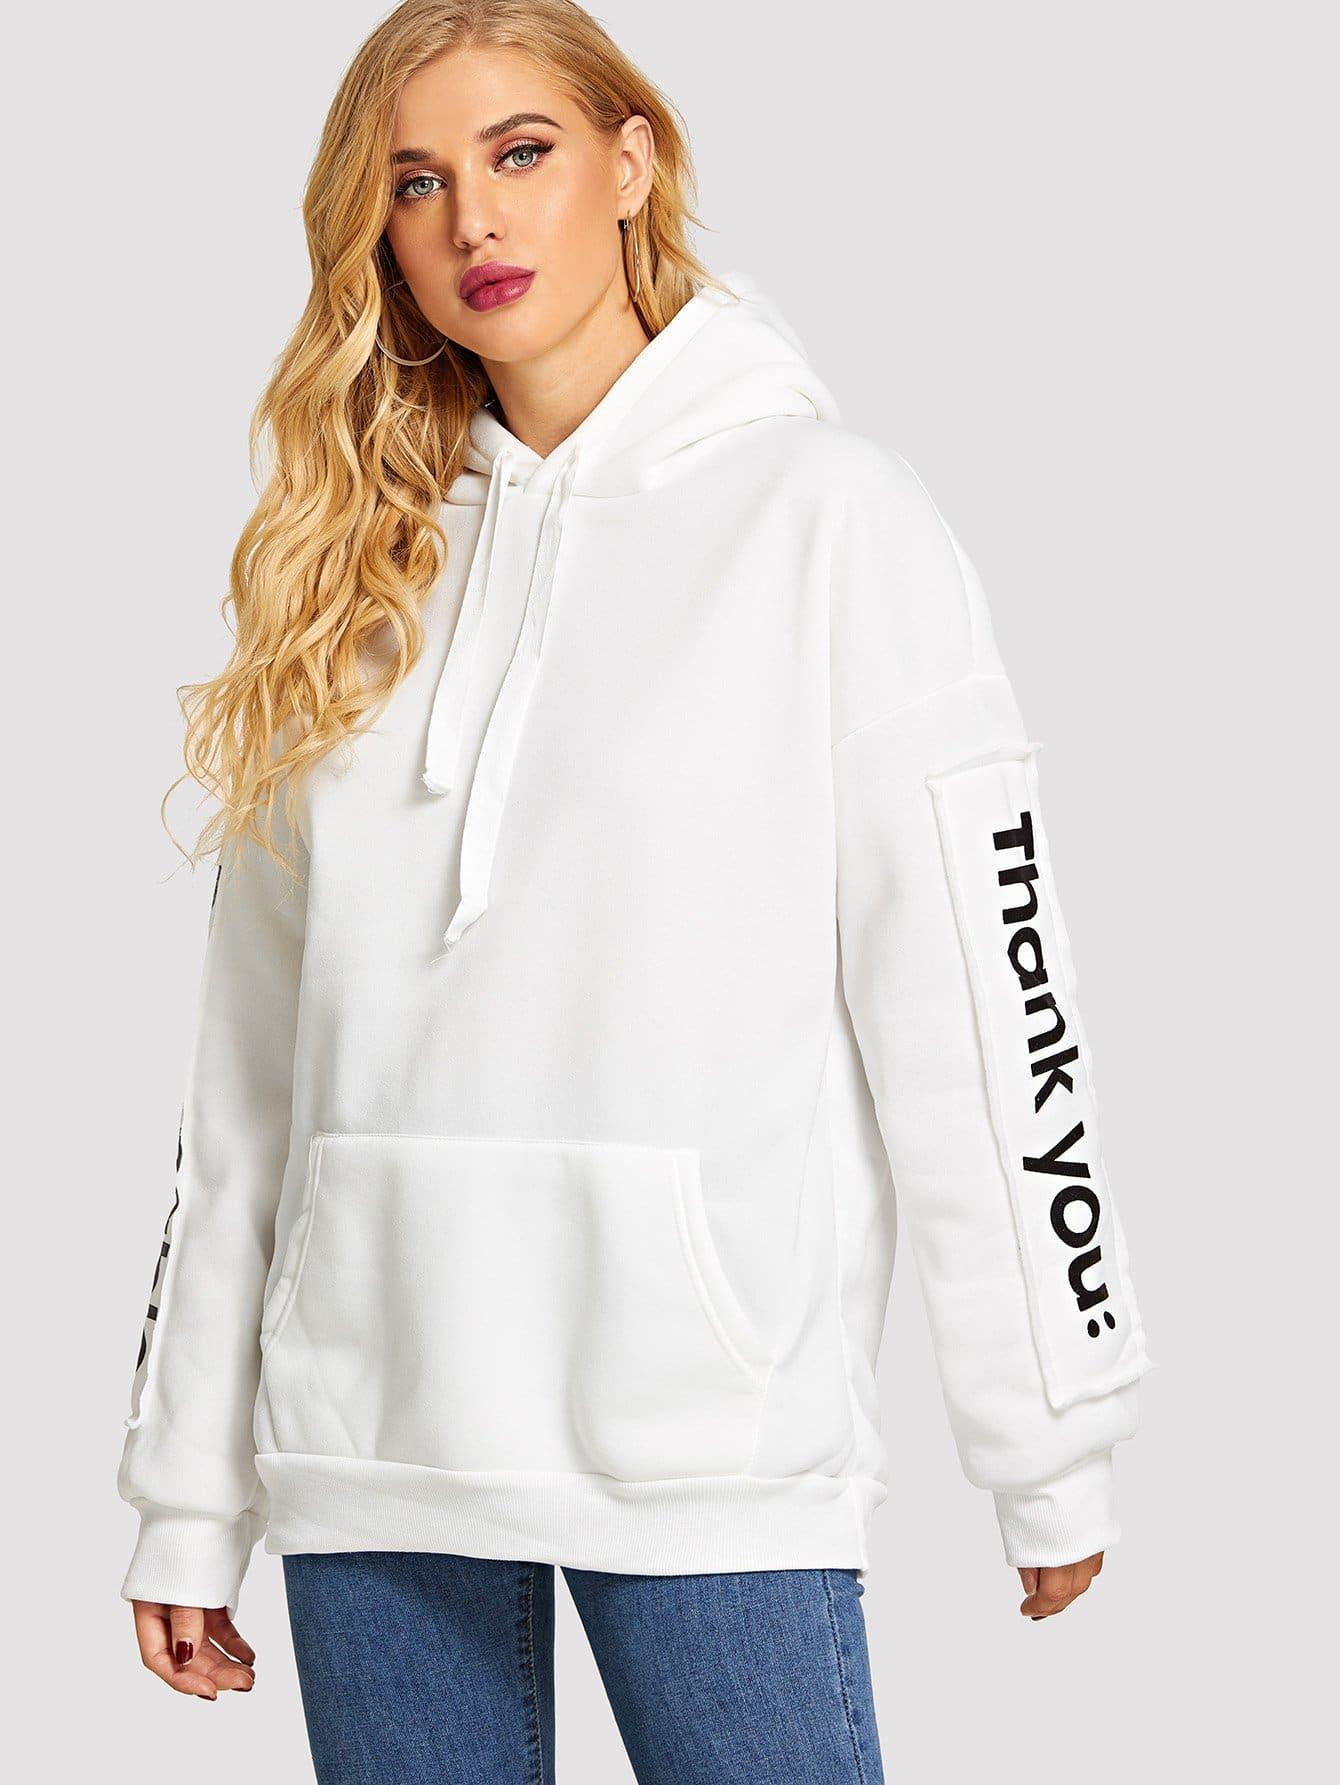 Купить Пуловер с капюшоном и с рисунками буквы, SUSU, SheIn